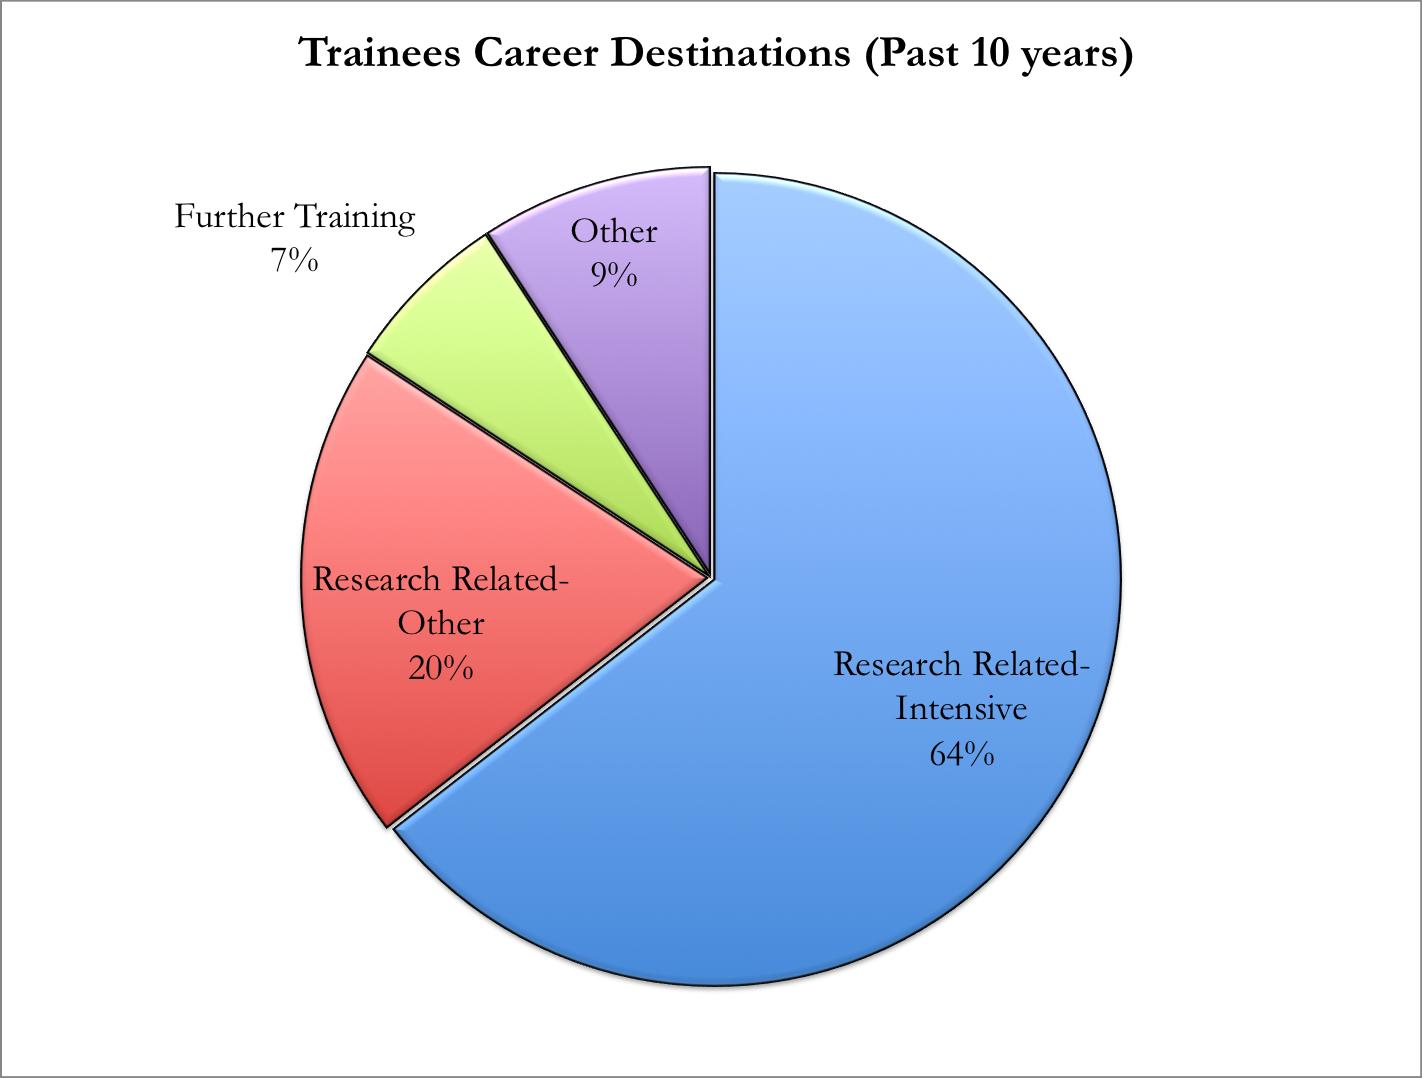 10 year trainee piechart